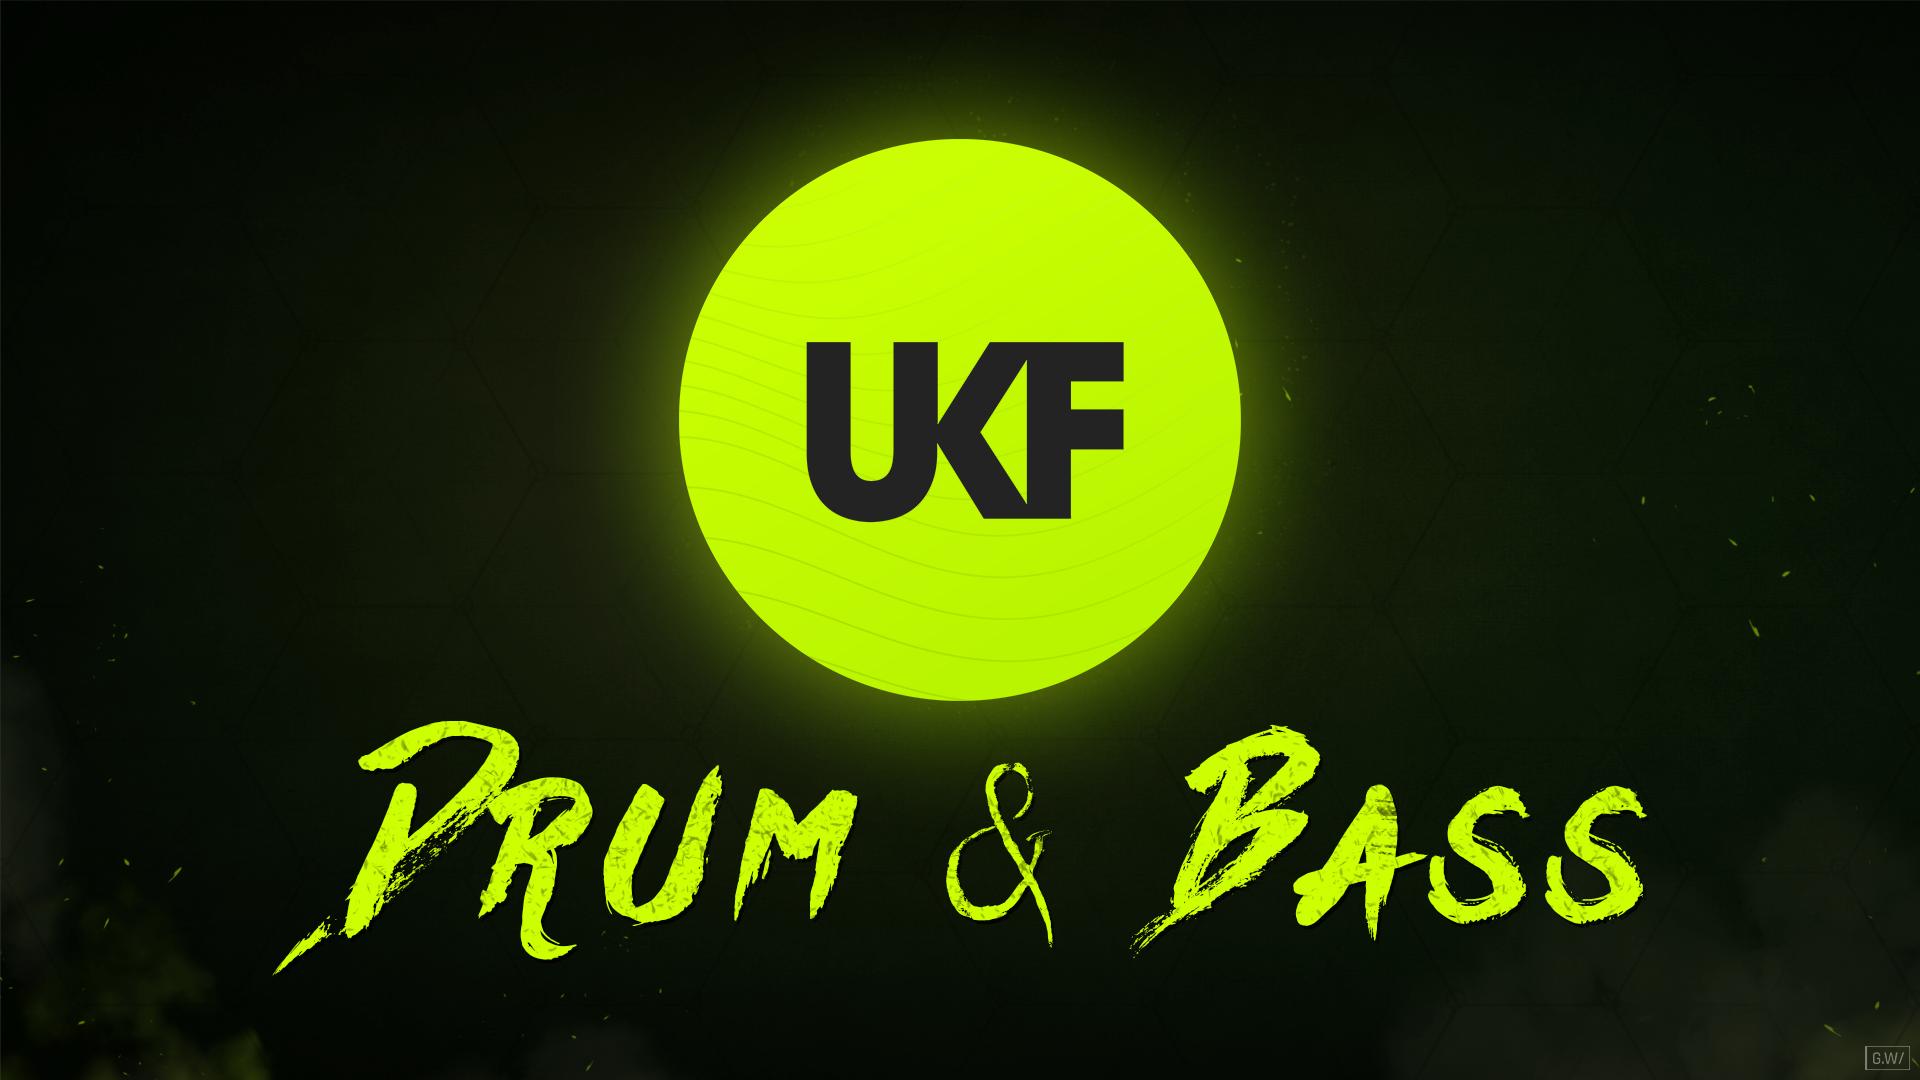 Ukf Drum And Bass Fondo De Pantalla Hd Fondo De Escritorio